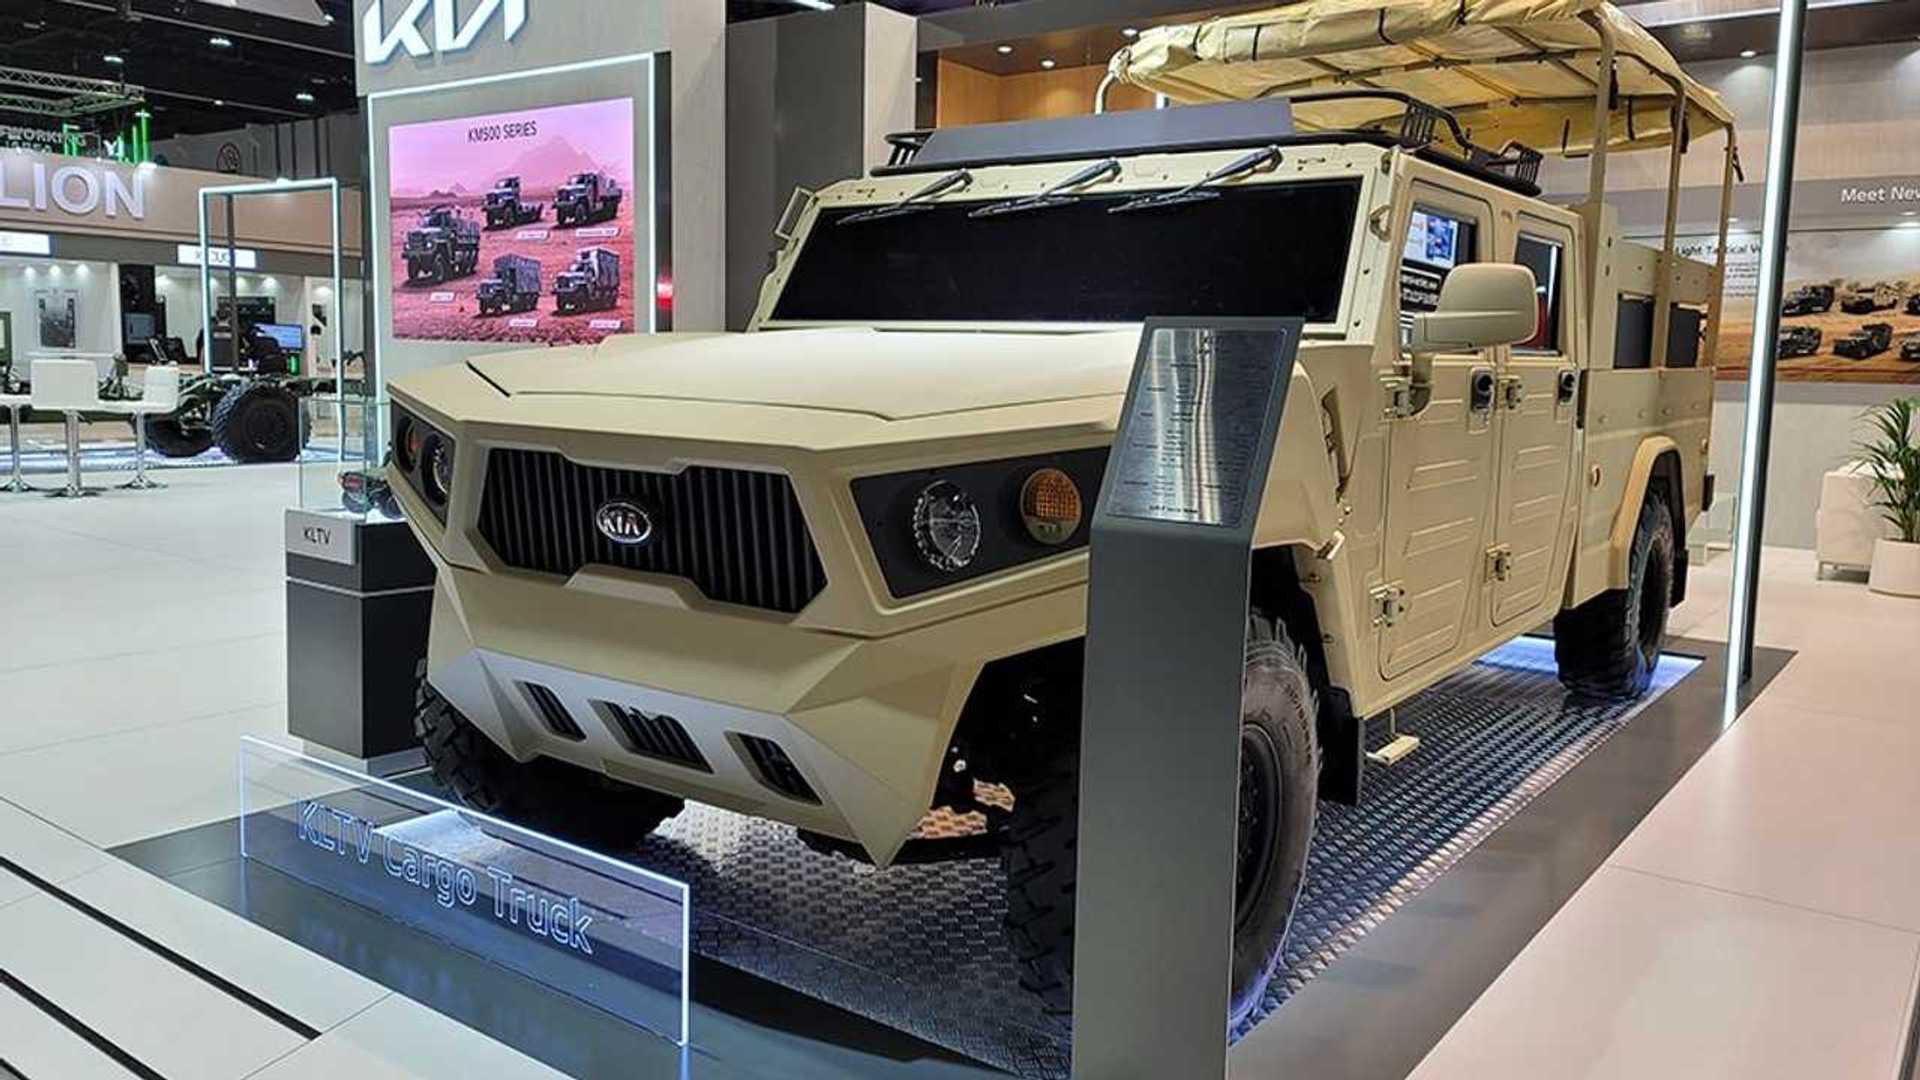 Kia показывает свою жесткую сторону, представив концепт тактического автомобиля на выставке IDEX Expo